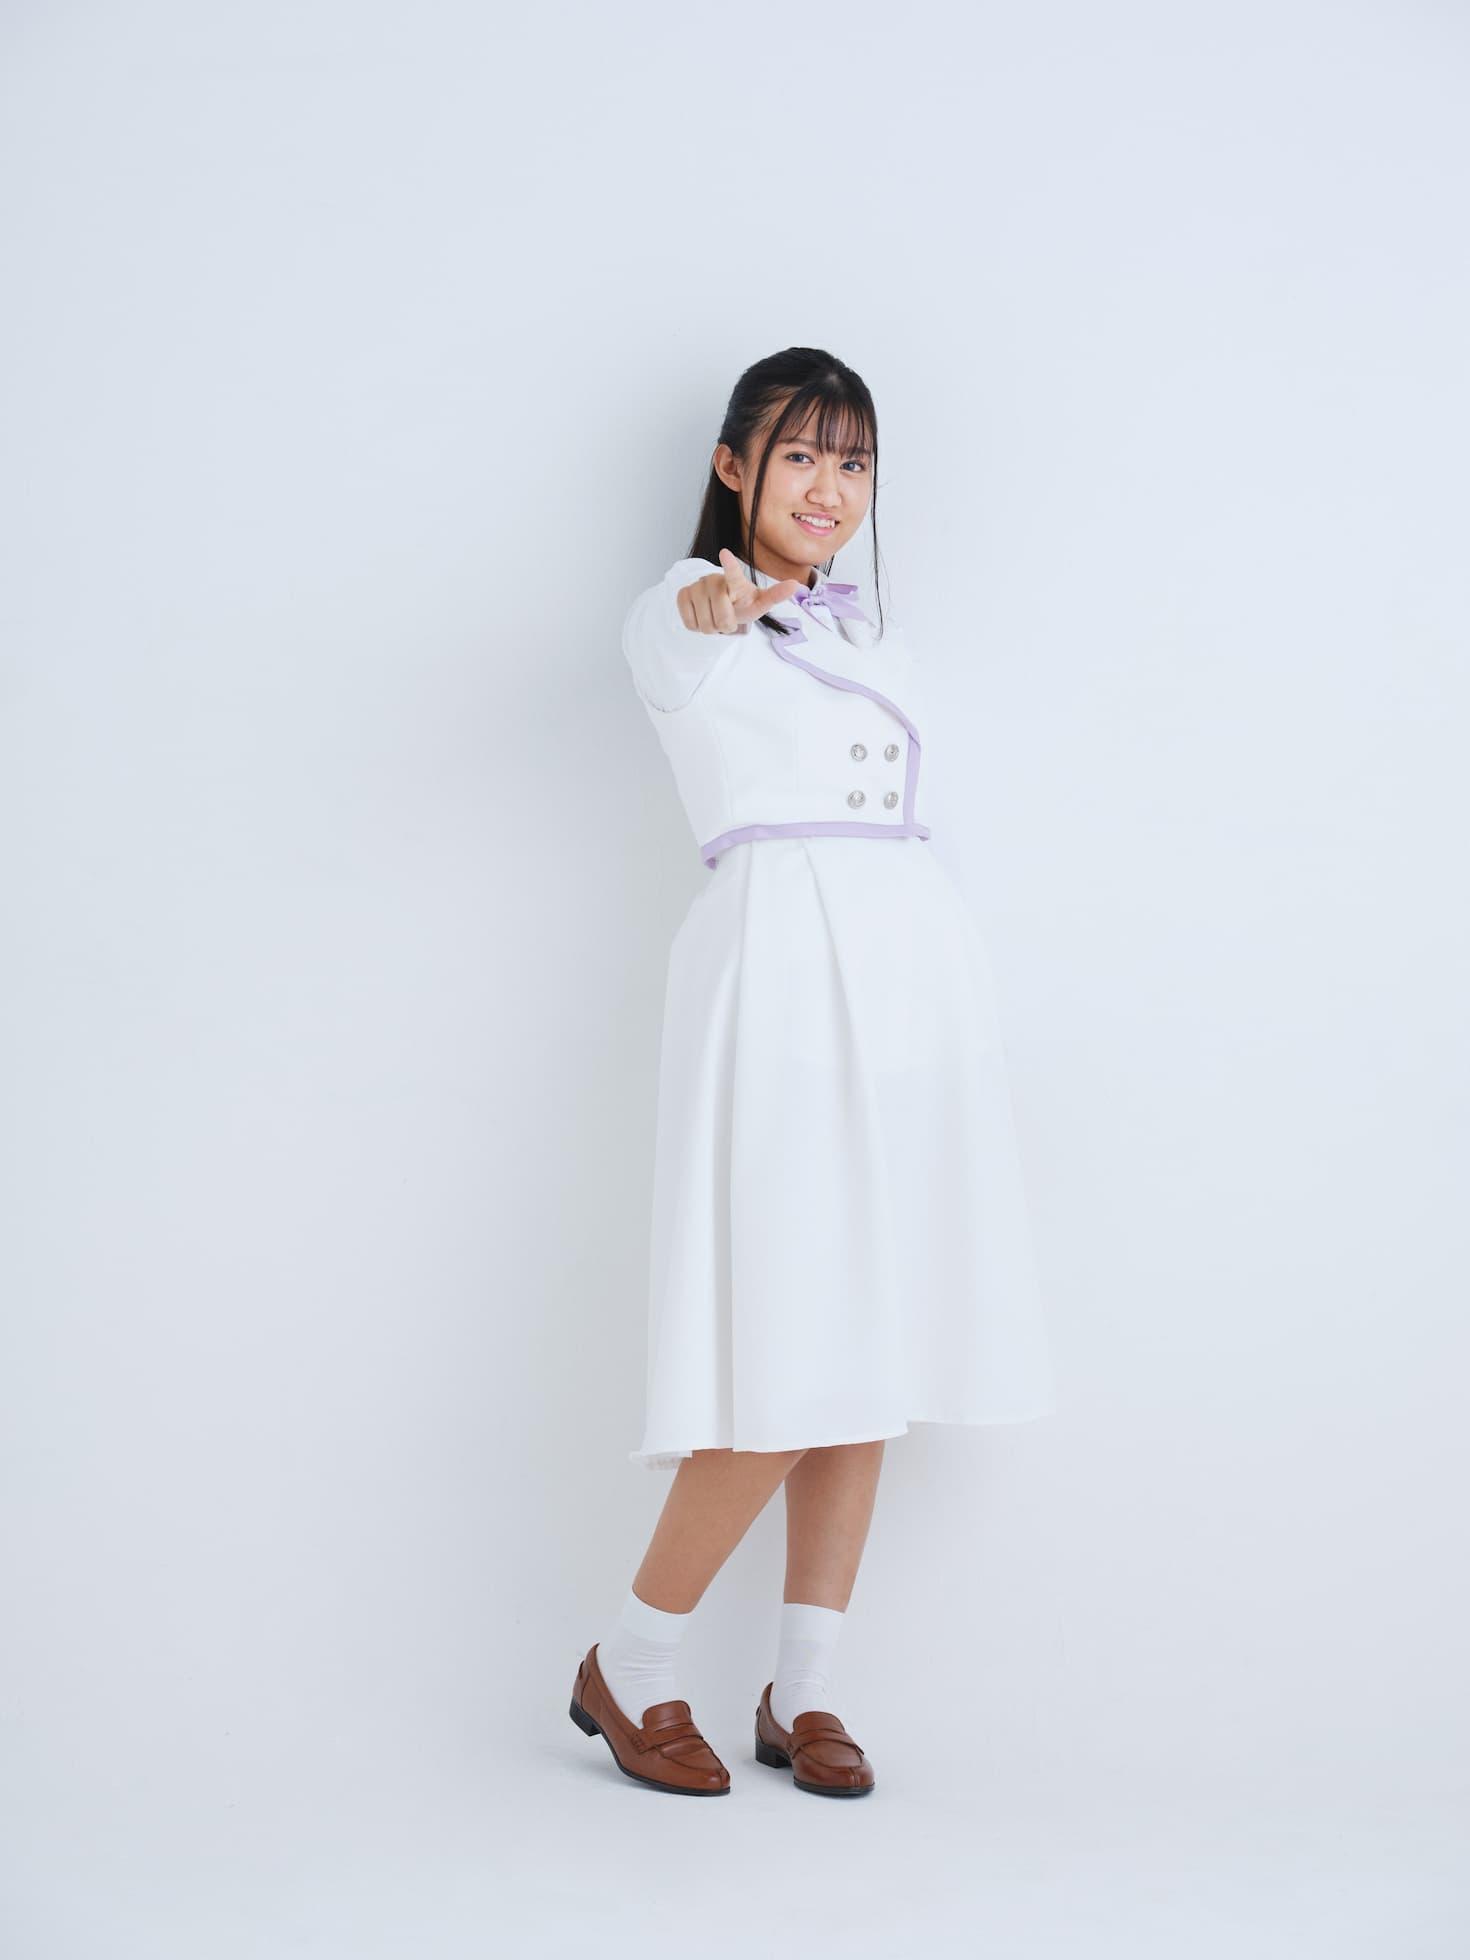 chikase_rei_04